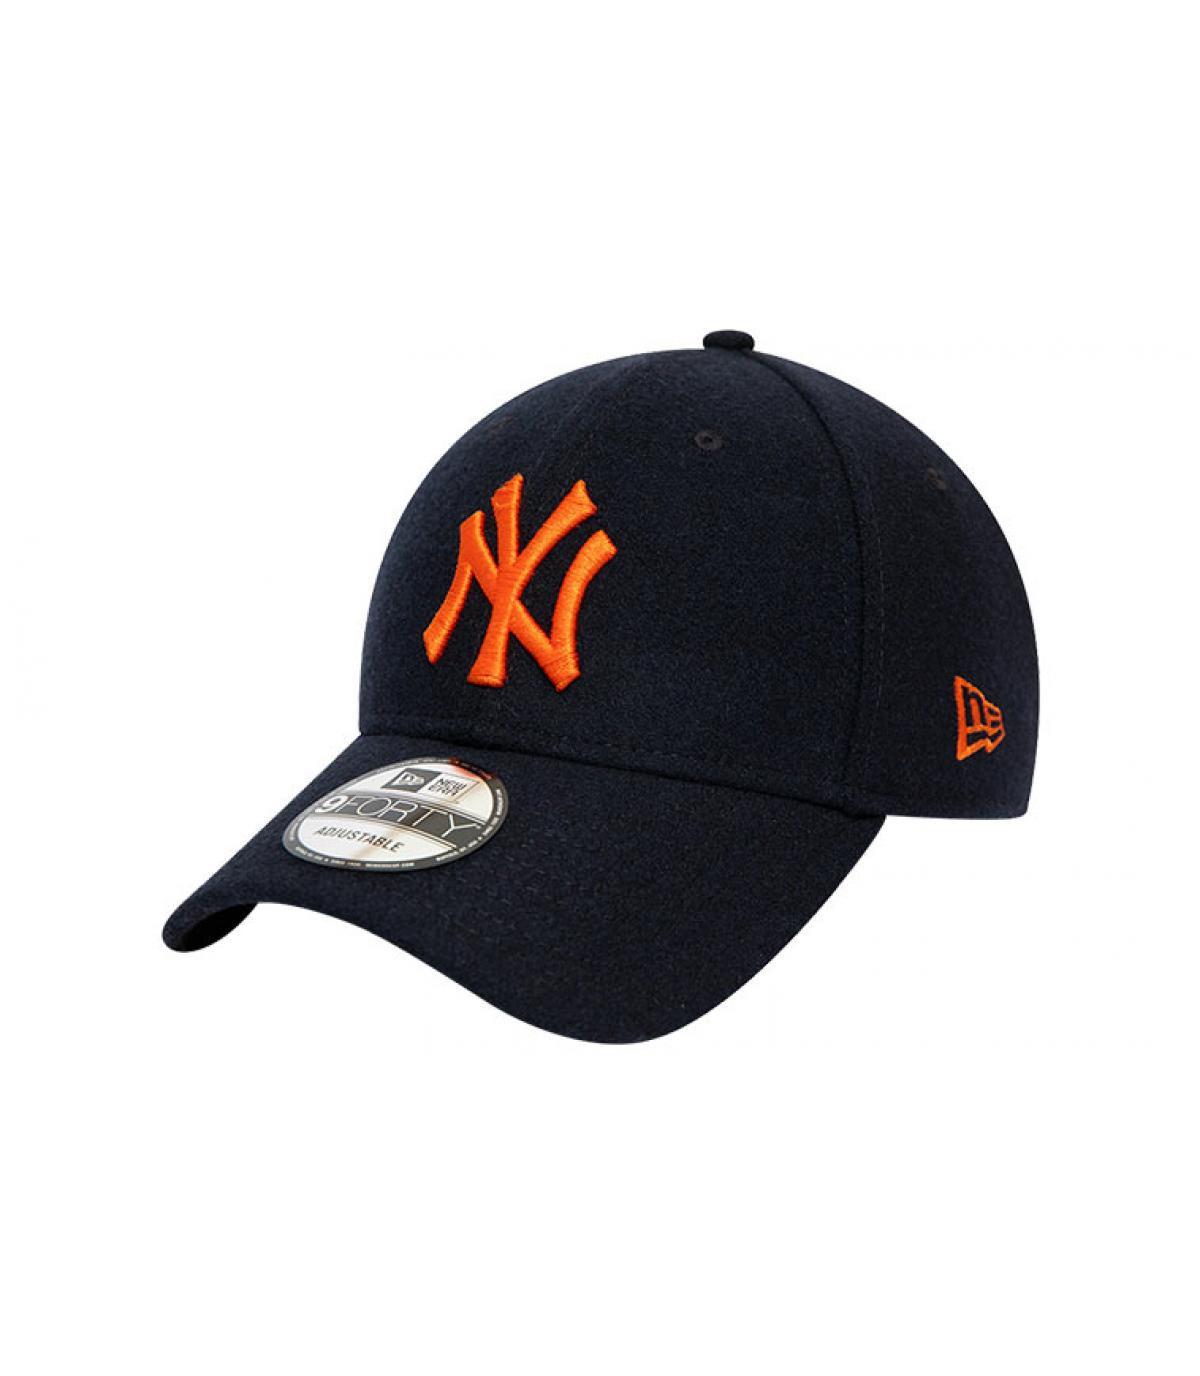 Détails Casquette Kids League Ess NY 940 black orange - image 2